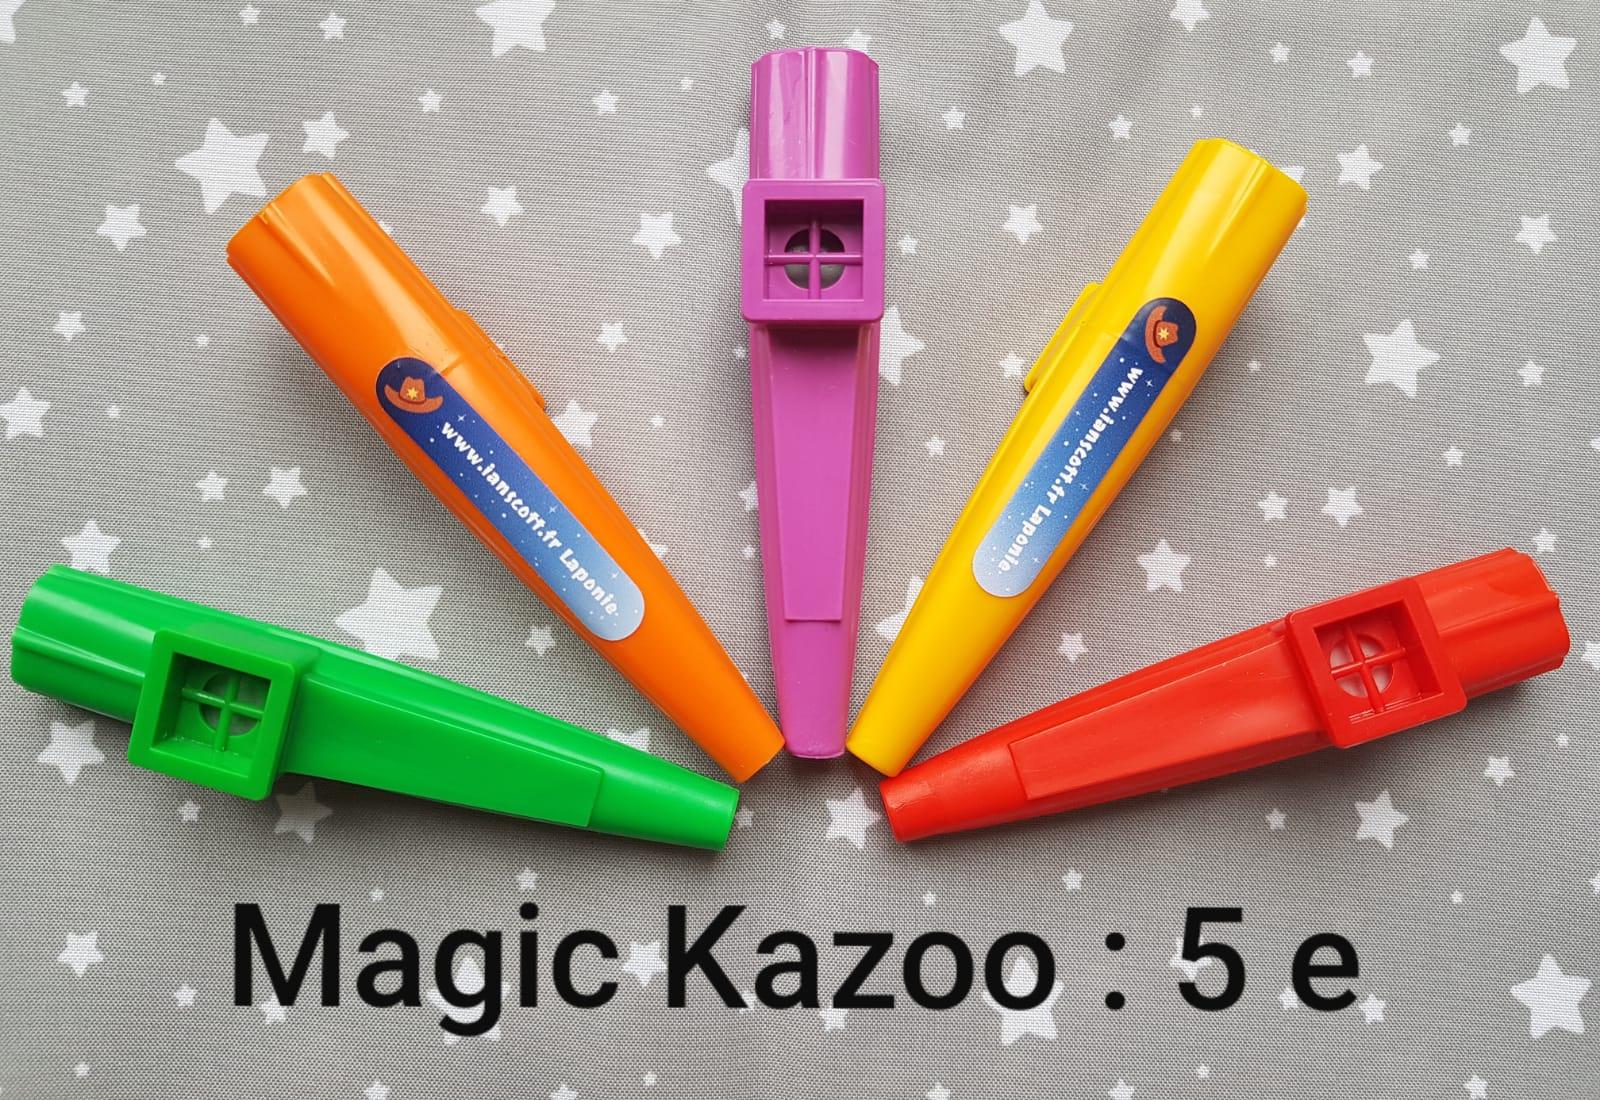 Les Magic Kazoo sont en vente sur le site !